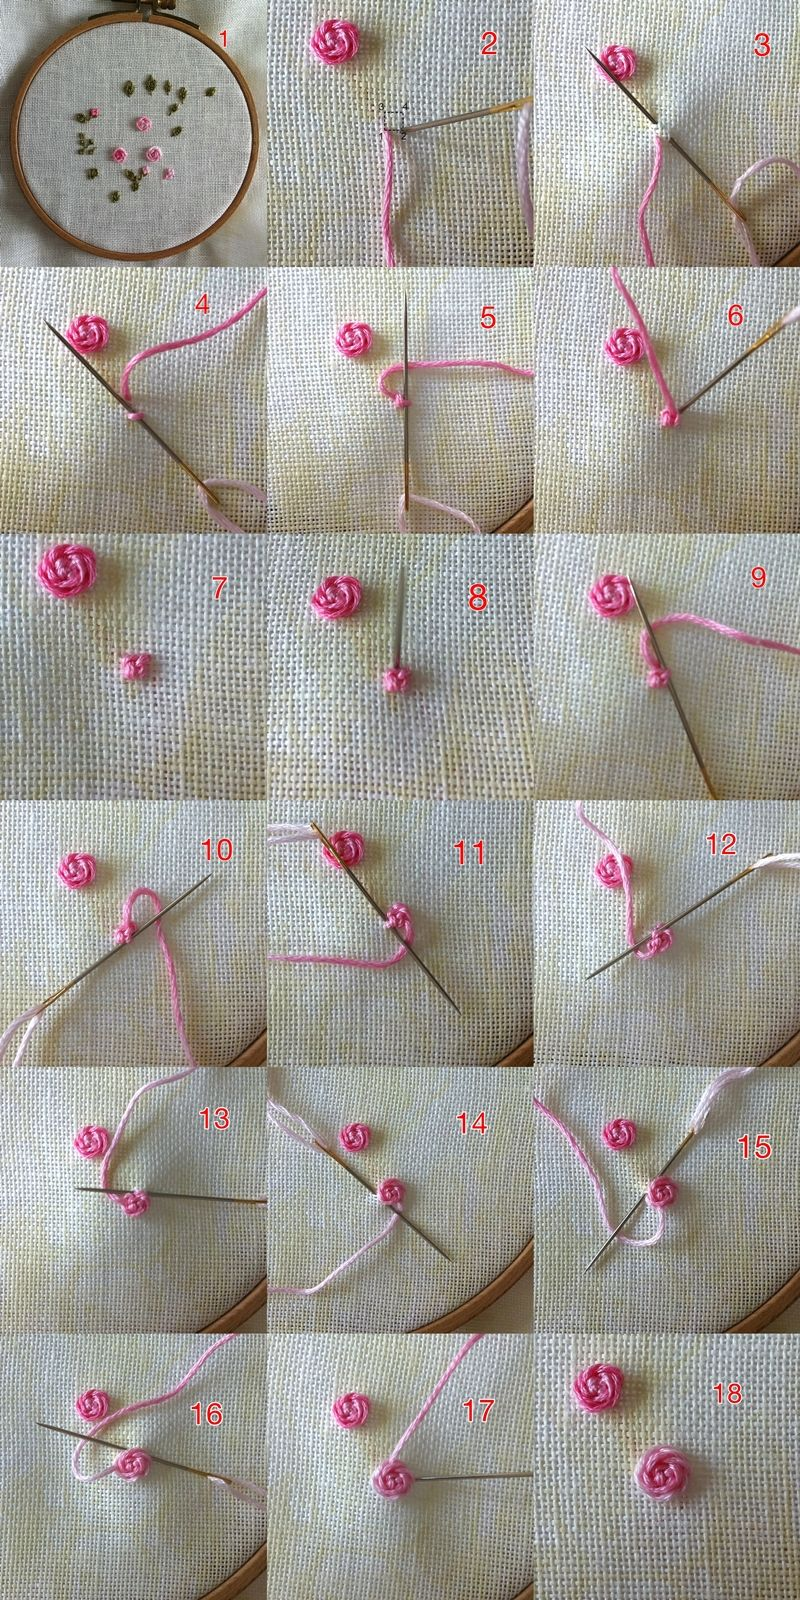 Imagen tutorial: bordado rosa con nudo central